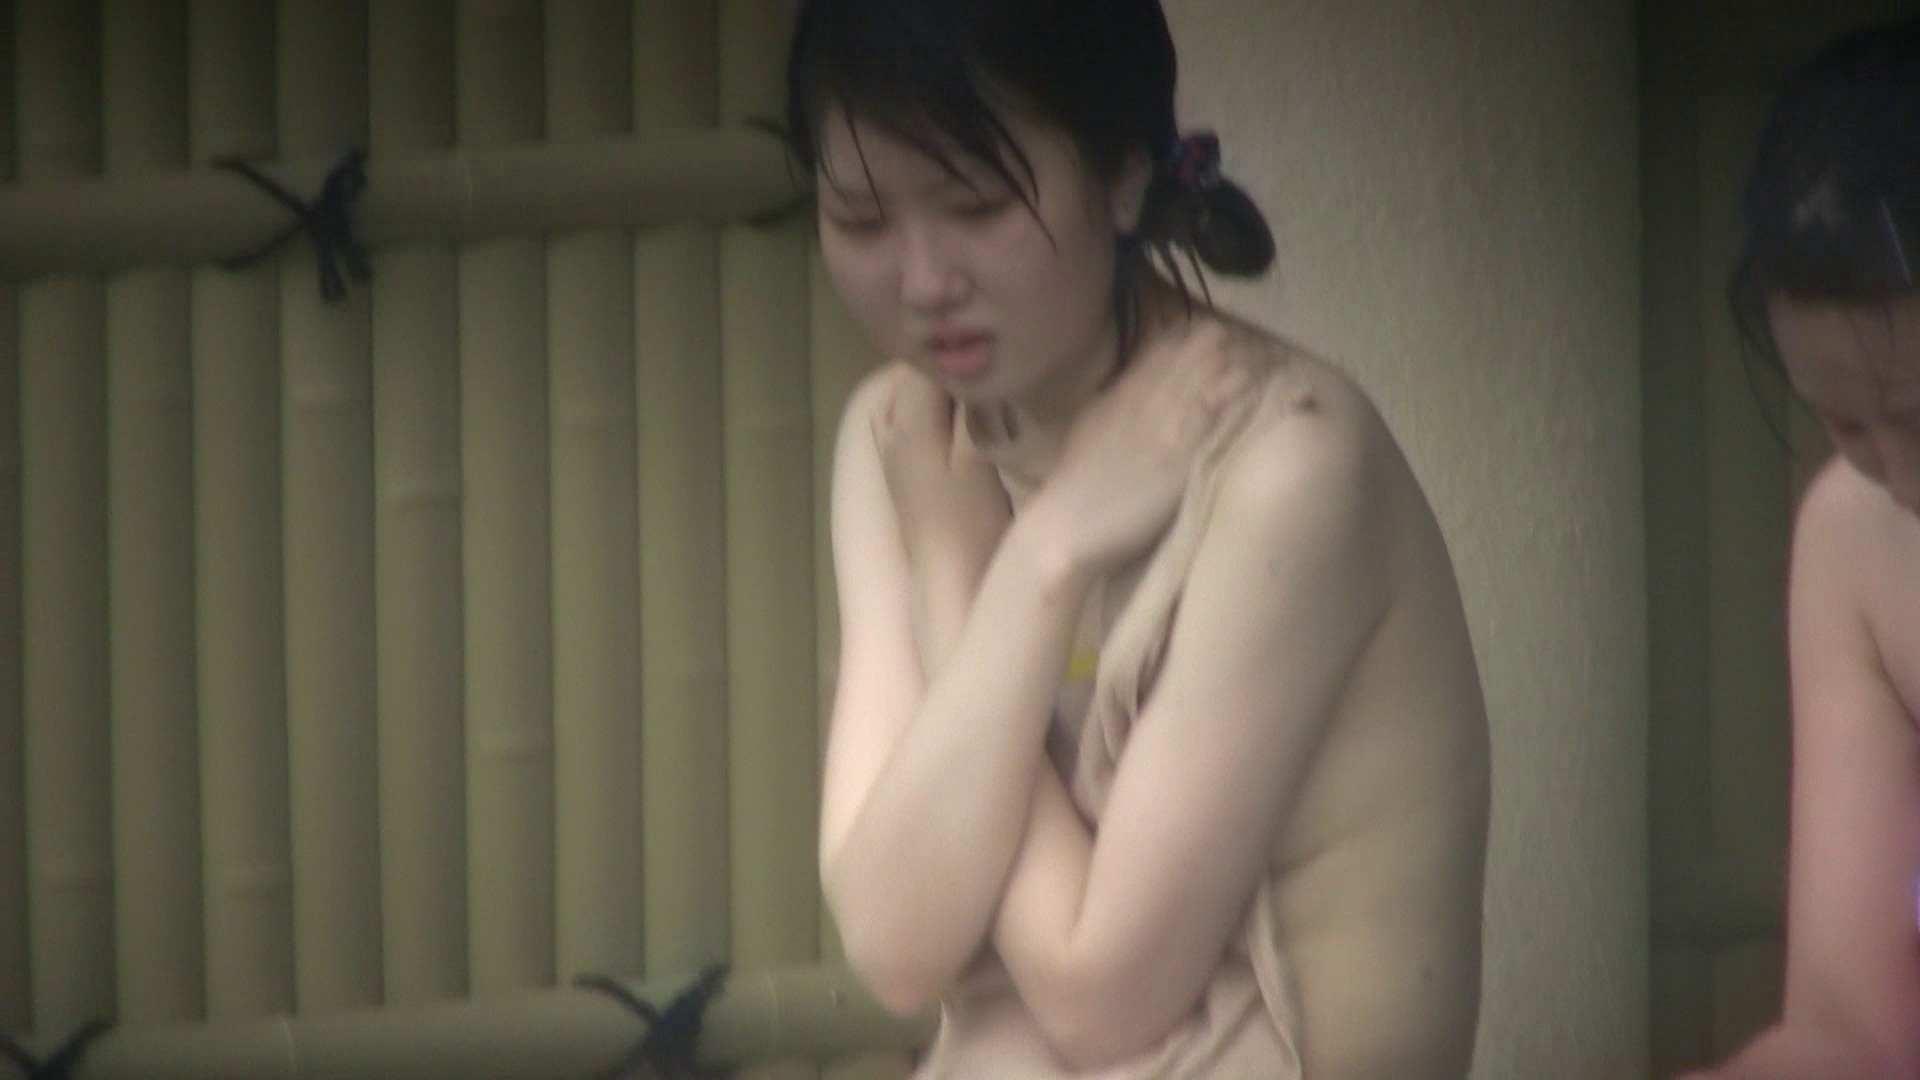 Aquaな露天風呂Vol.128 OLハメ撮り  113Pix 64